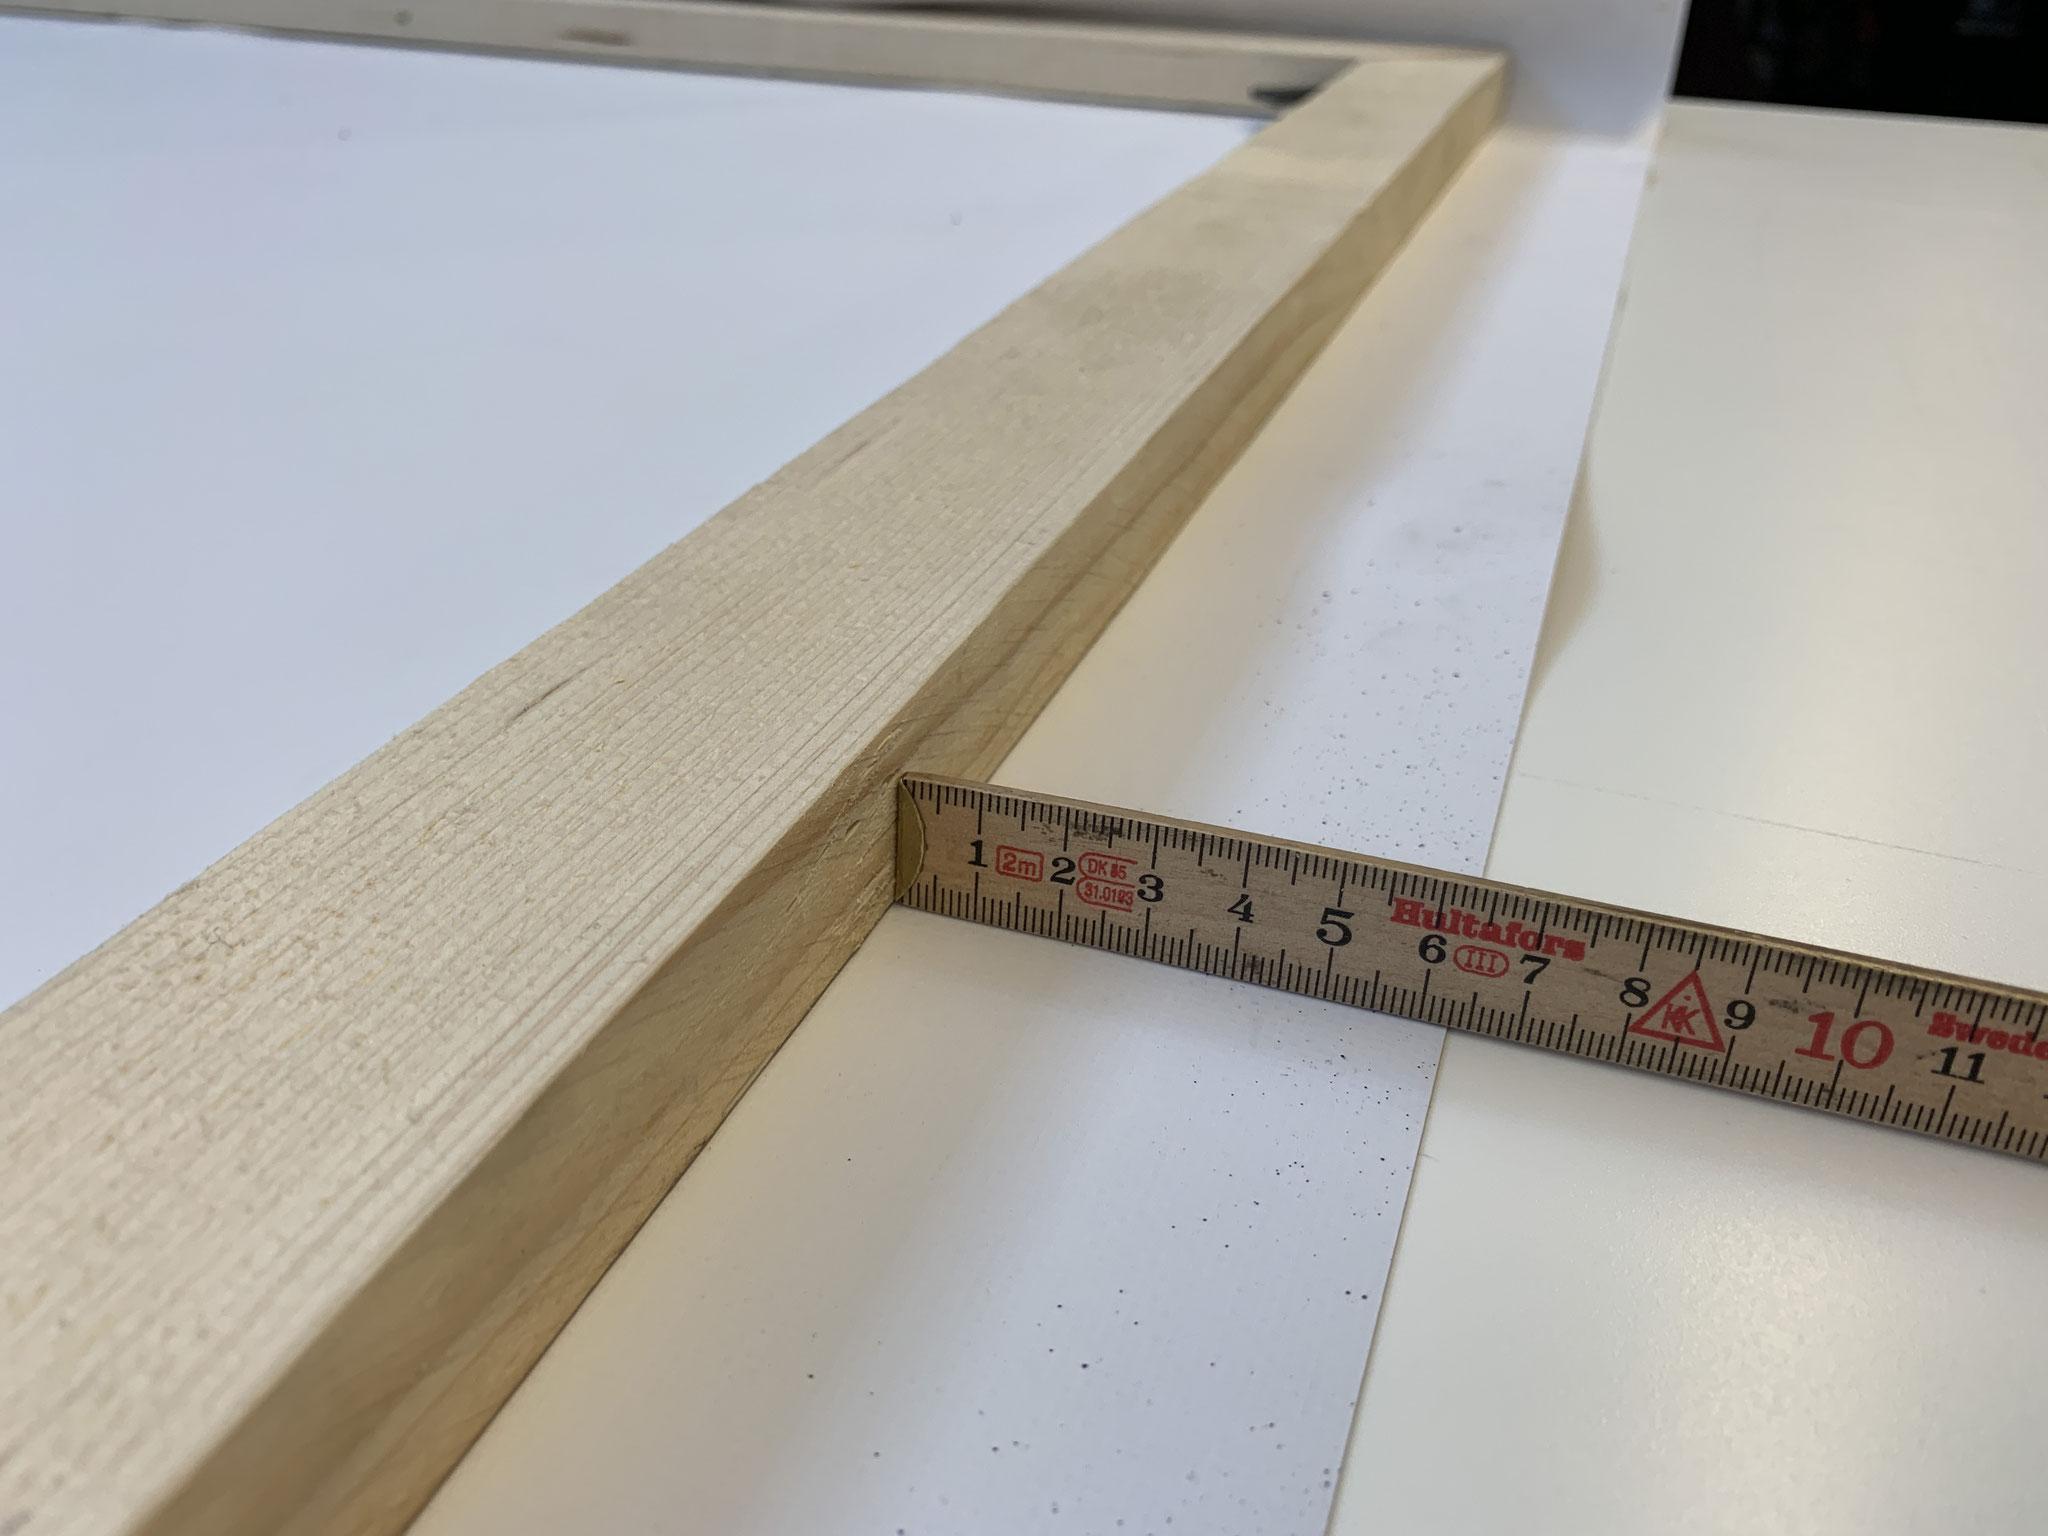 Das Bild mit der Rückseite nach oben auf einen ebenen und weichen Untergrund legen. Den Rahmen darauf legen und genau auf dem Banner zentrieren.